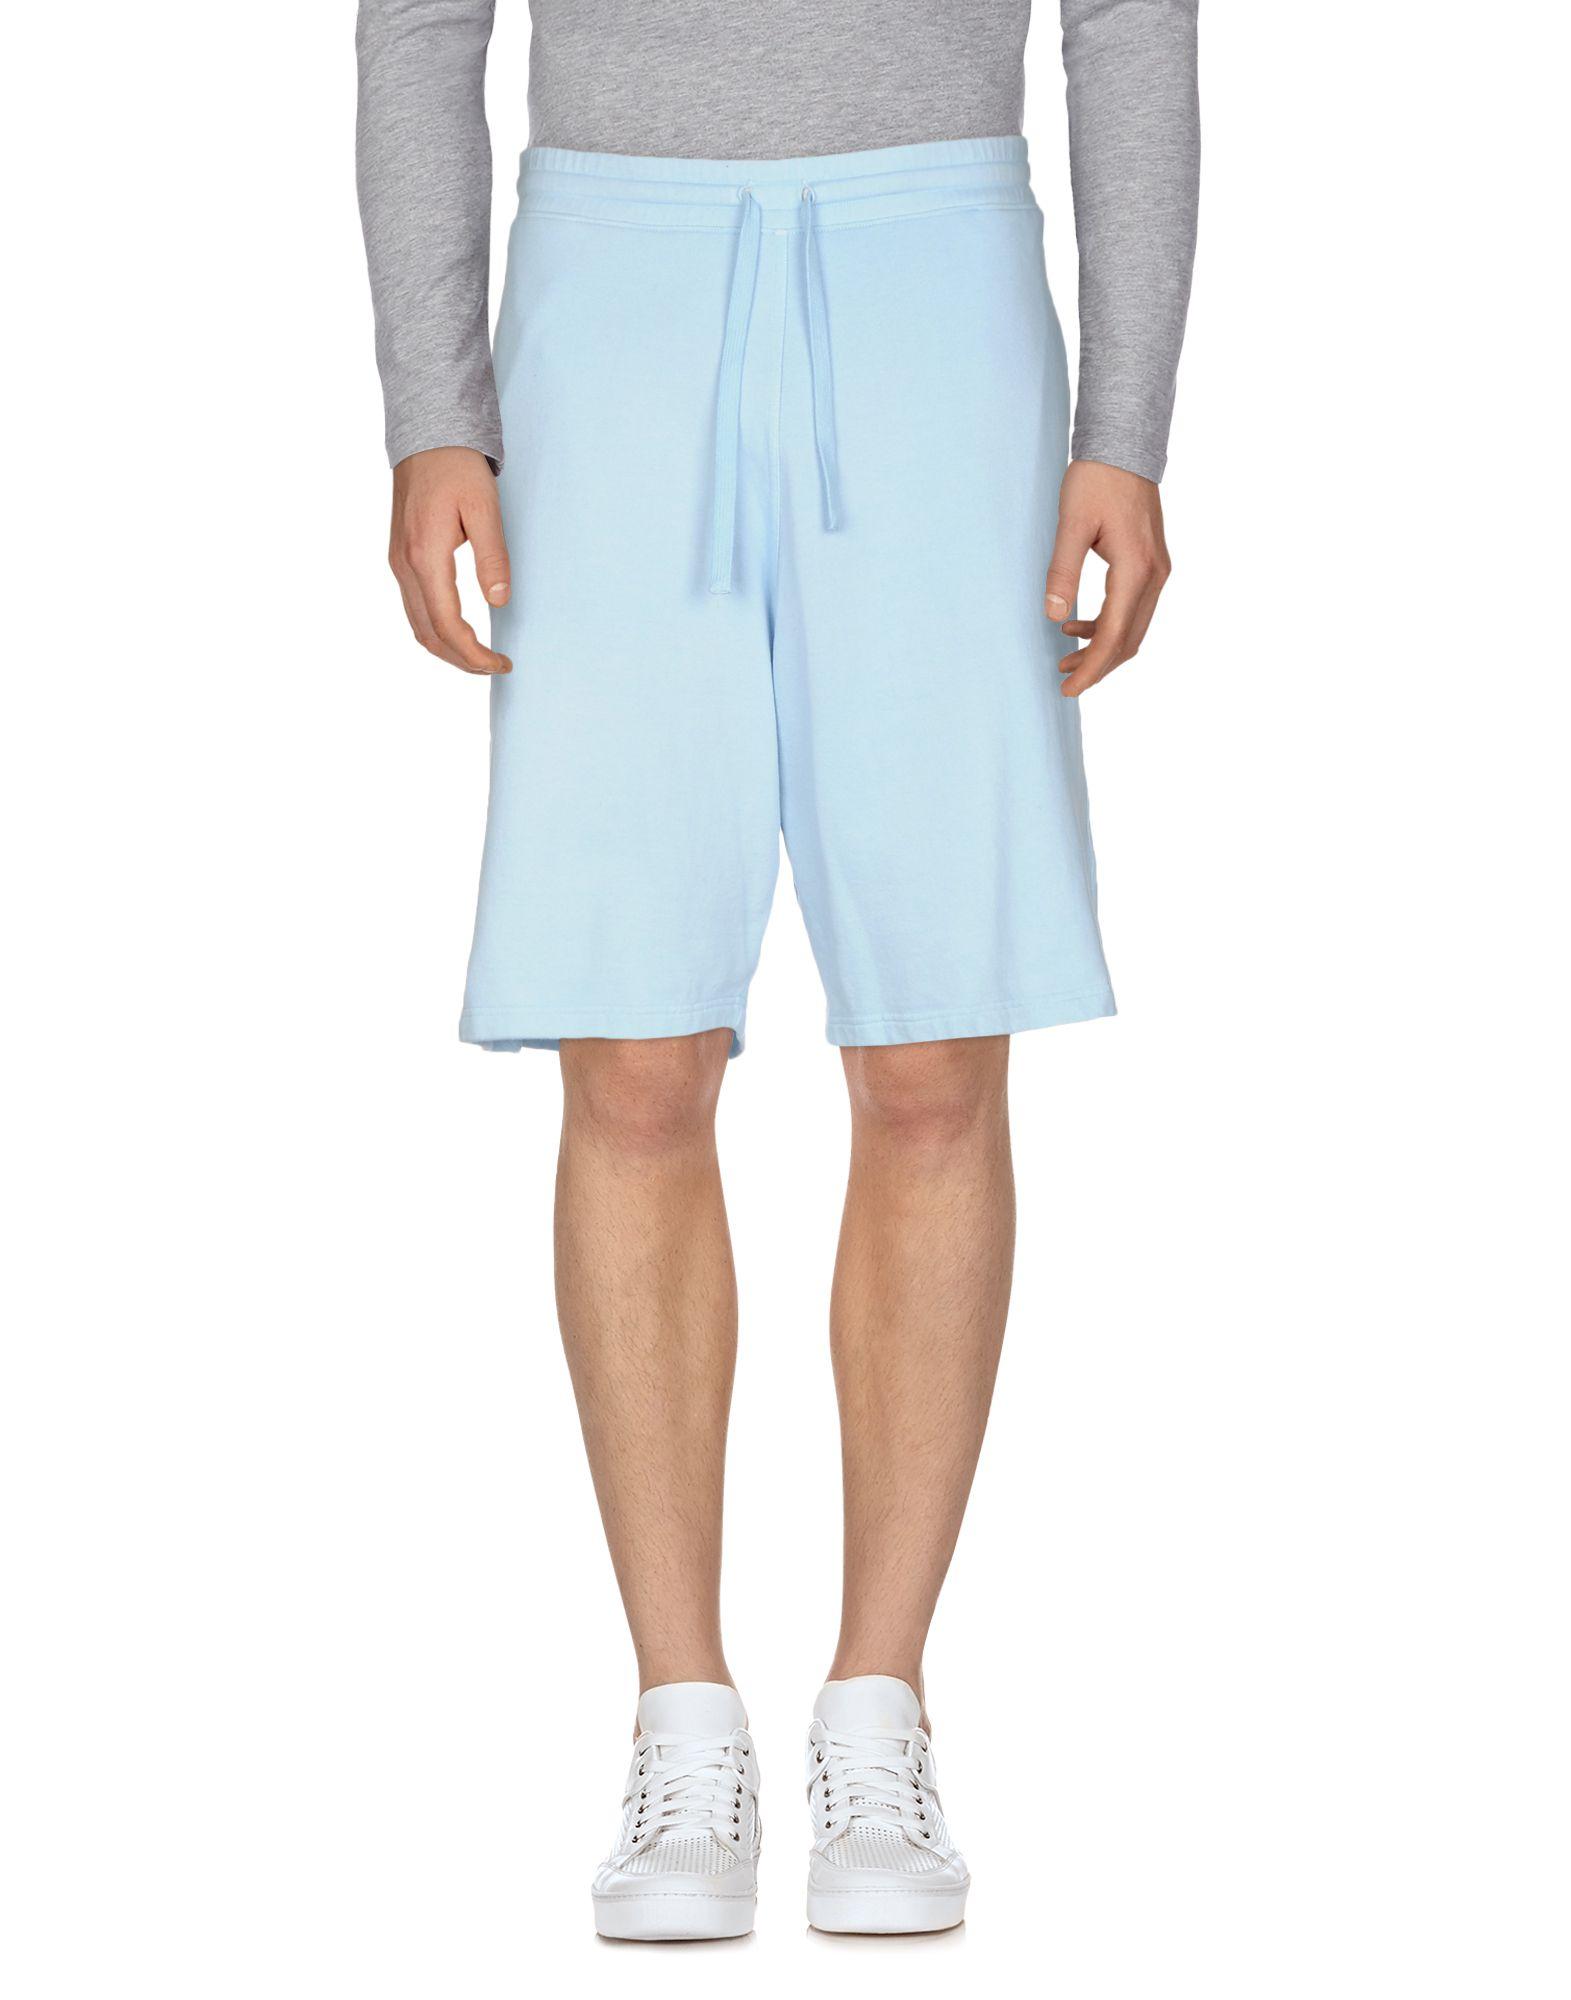 AIEZEN Shorts & Bermuda in Sky Blue